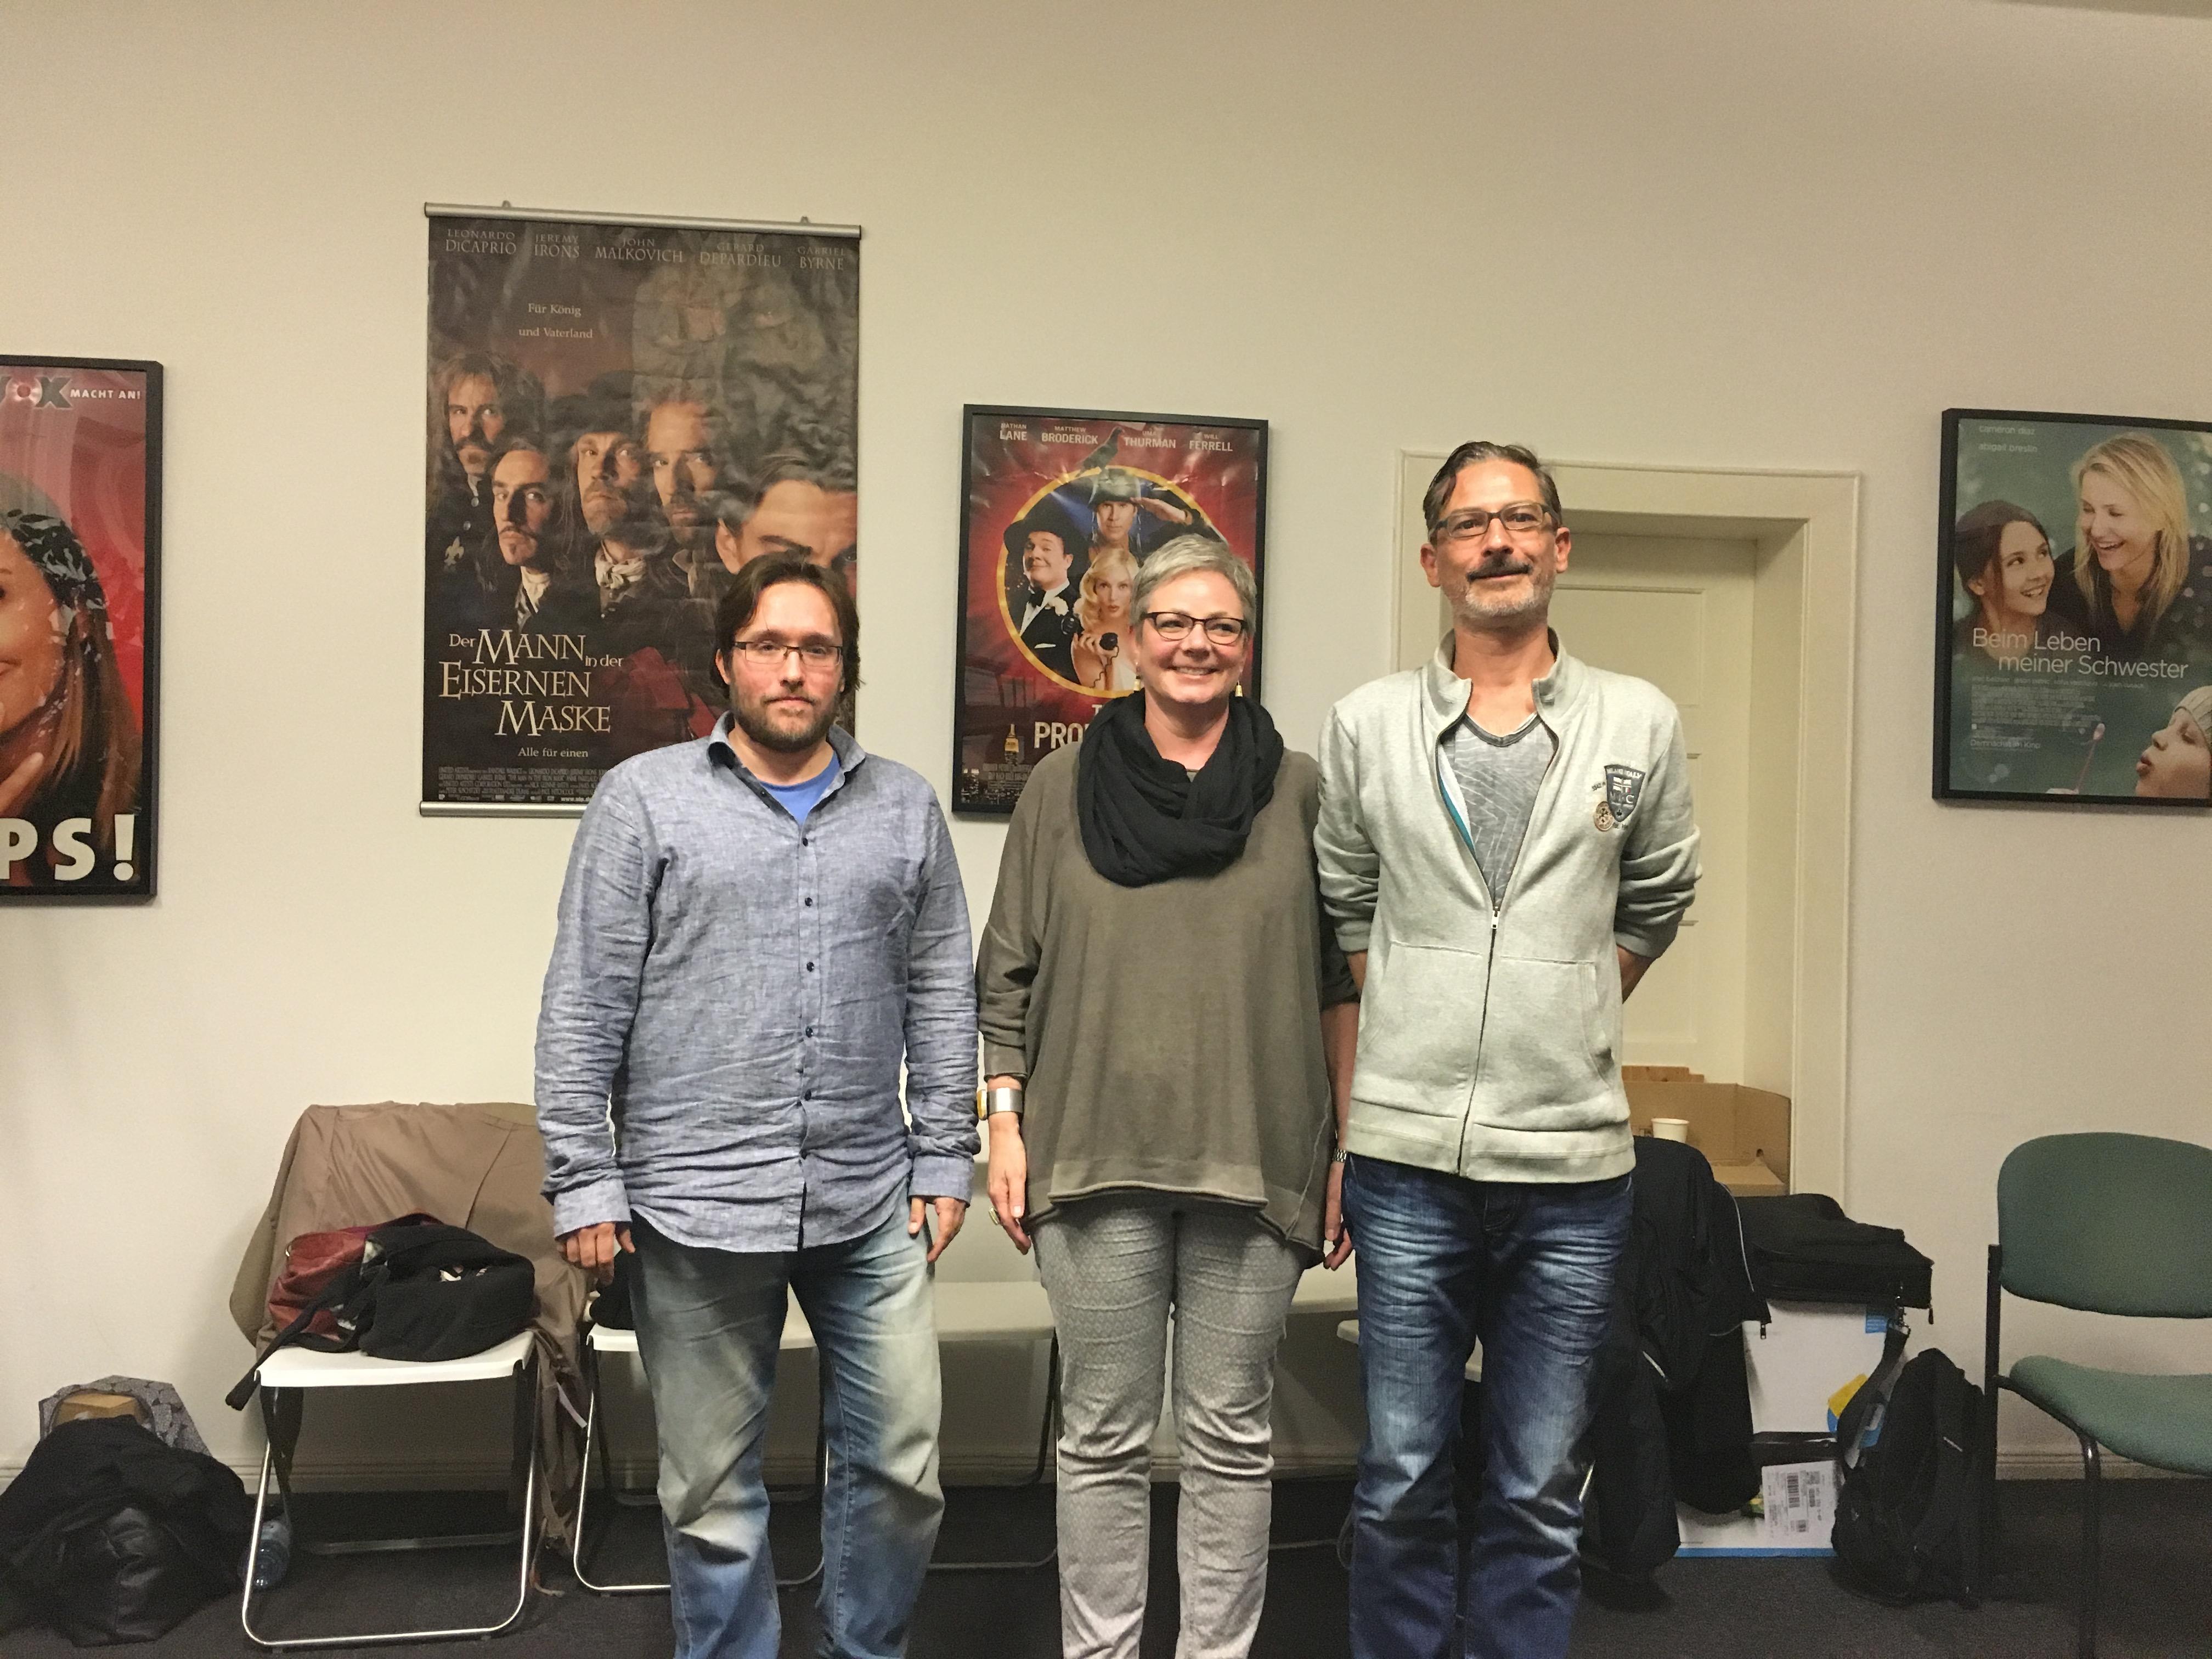 Der VeSAL-Vorstand: Hendrik Meyerhof, Anett Bogun, Sascha Unnasch